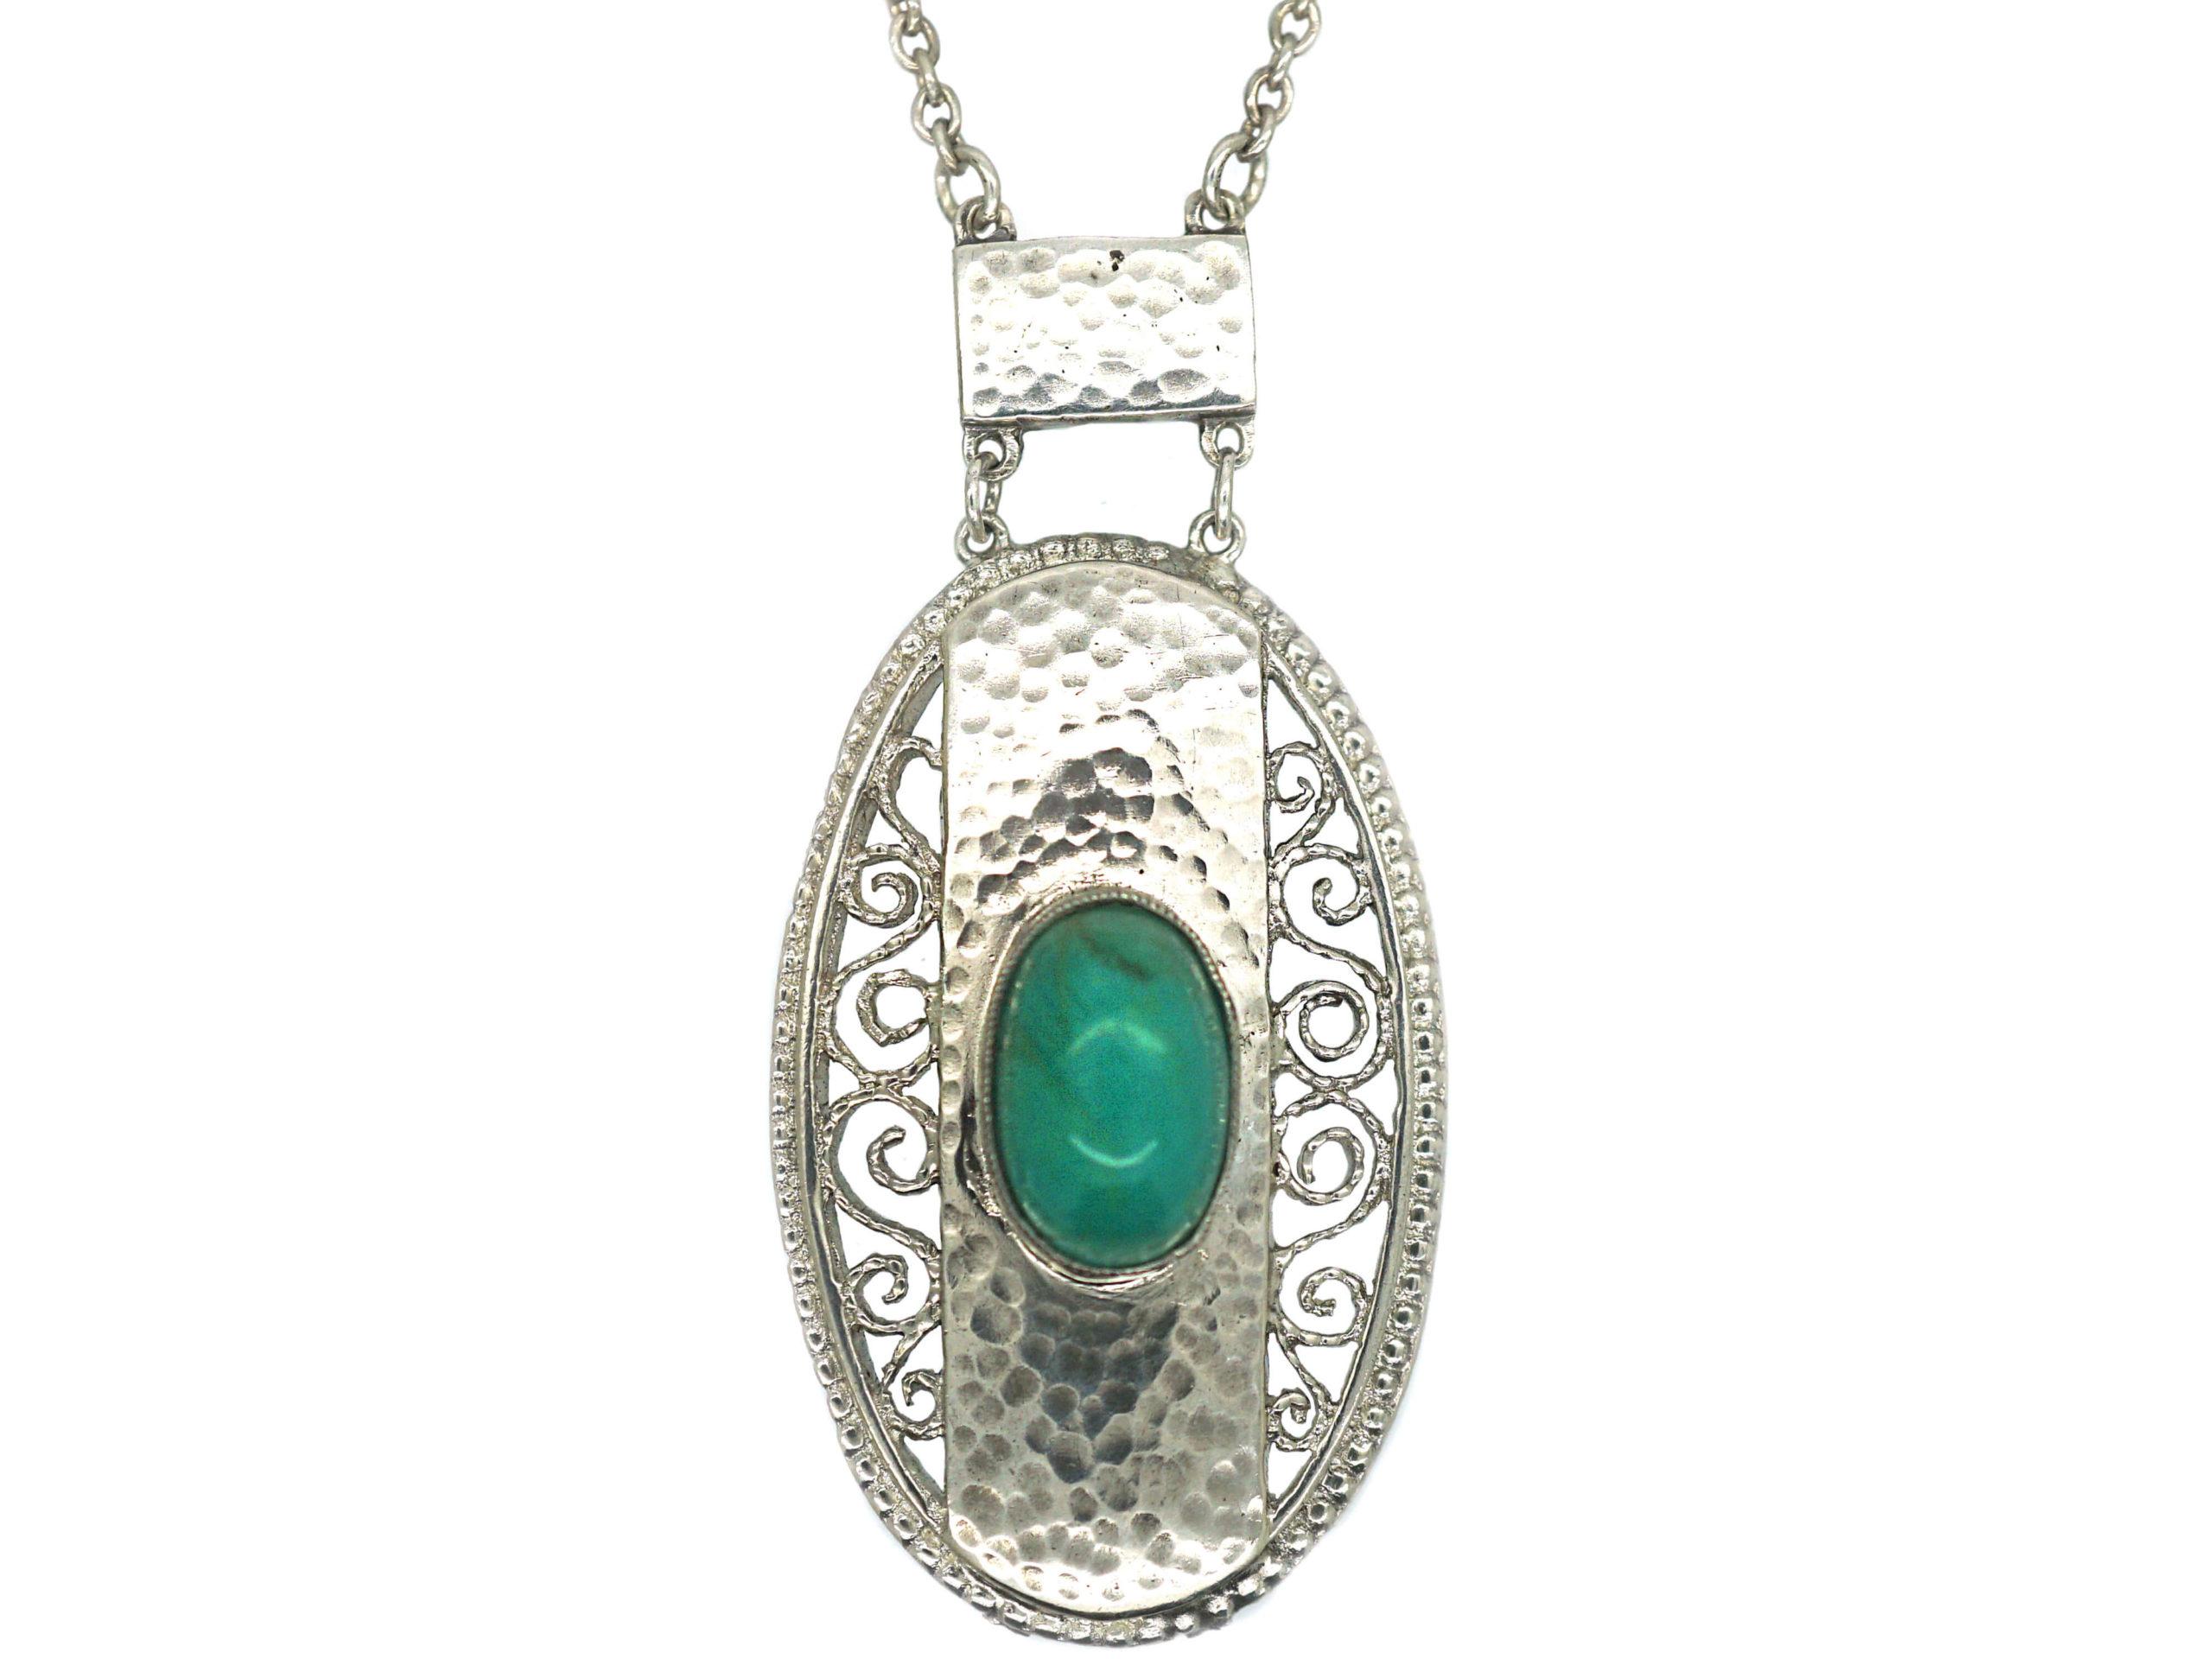 Art Deco Silver & Amazonite Pendant on Silver Chain